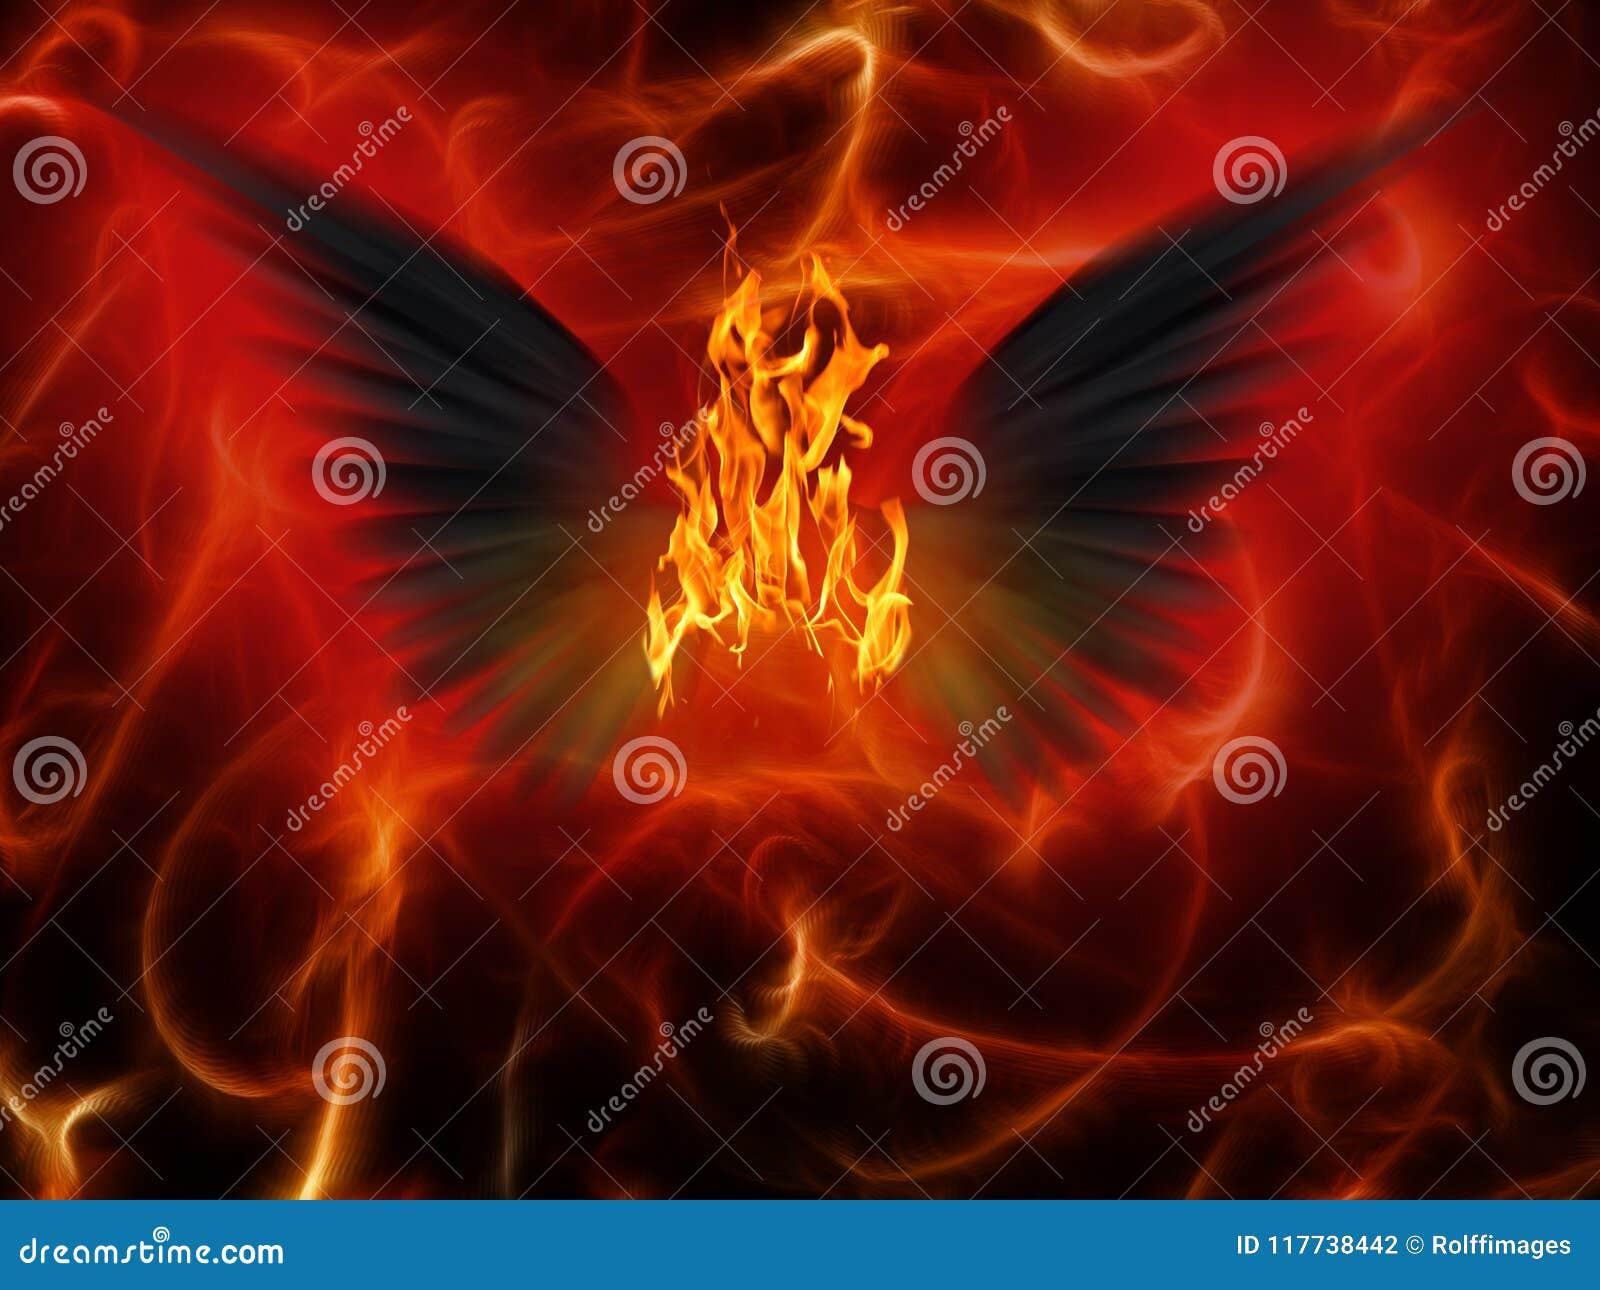 как старались фотографировали горящее крыло она напрямую зависит